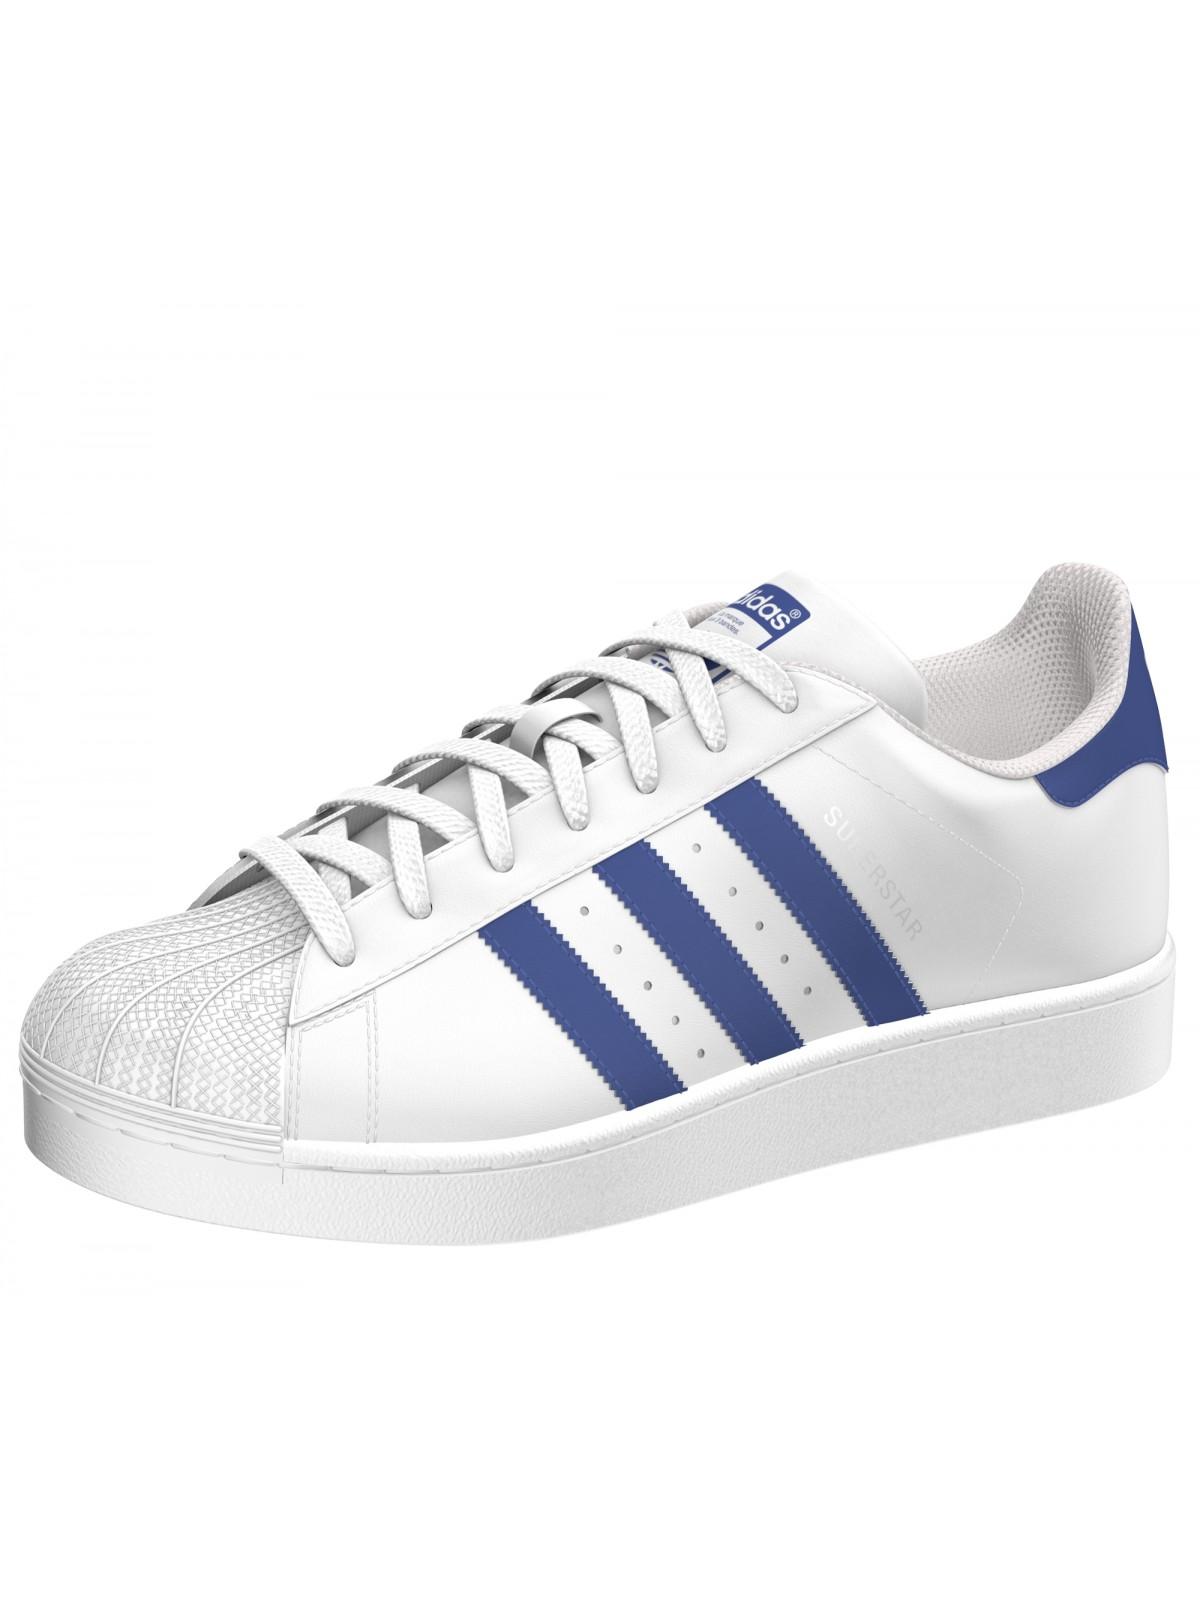 adidas superstar cuir bleu